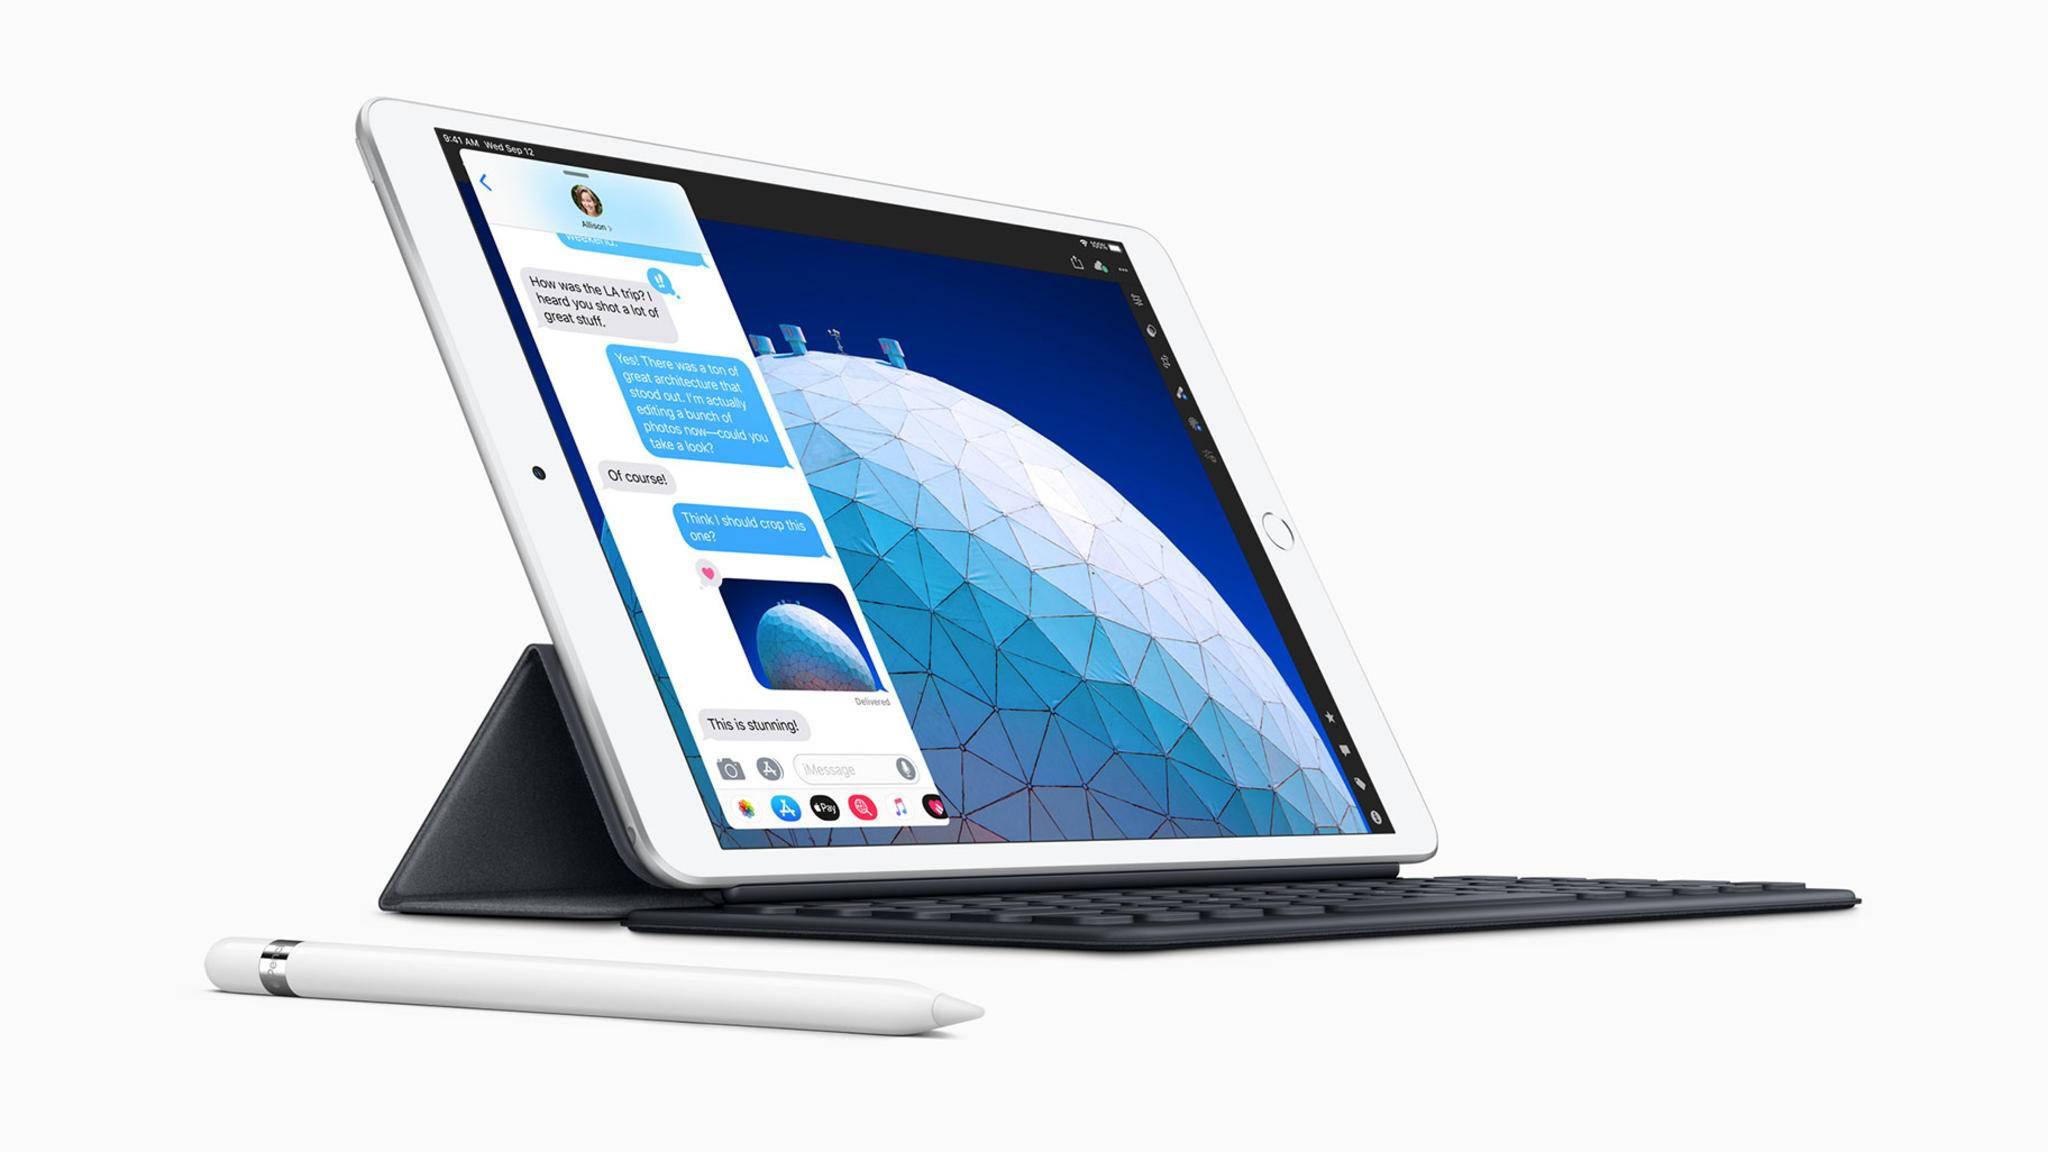 Wir verraten, worin sich das iPad Air 3 vom iPad 9,7 Zoll unterscheidet.